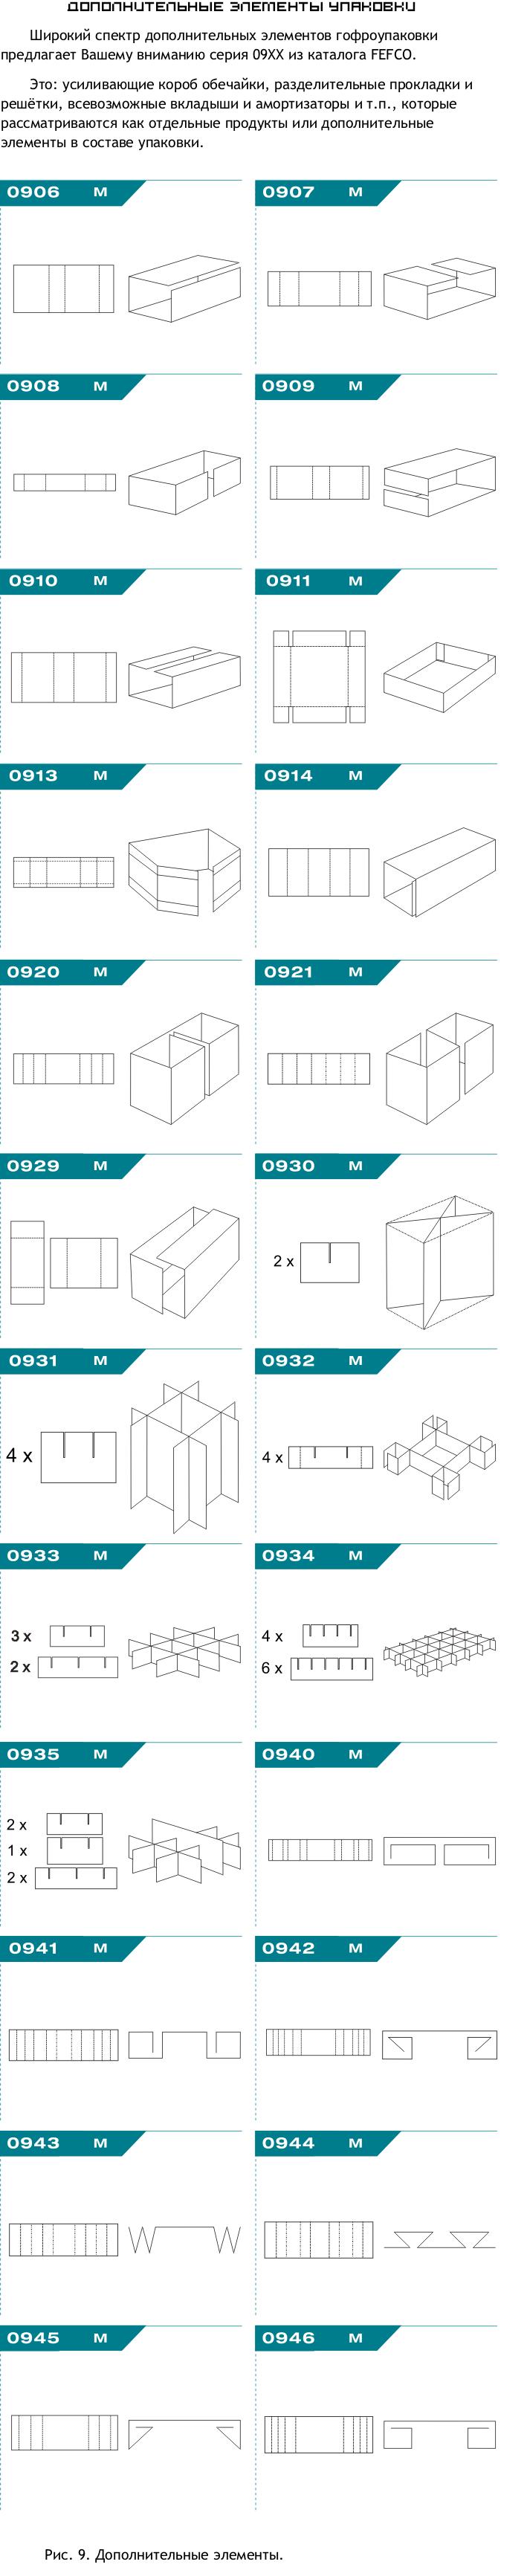 дополнительные элементы упаковки